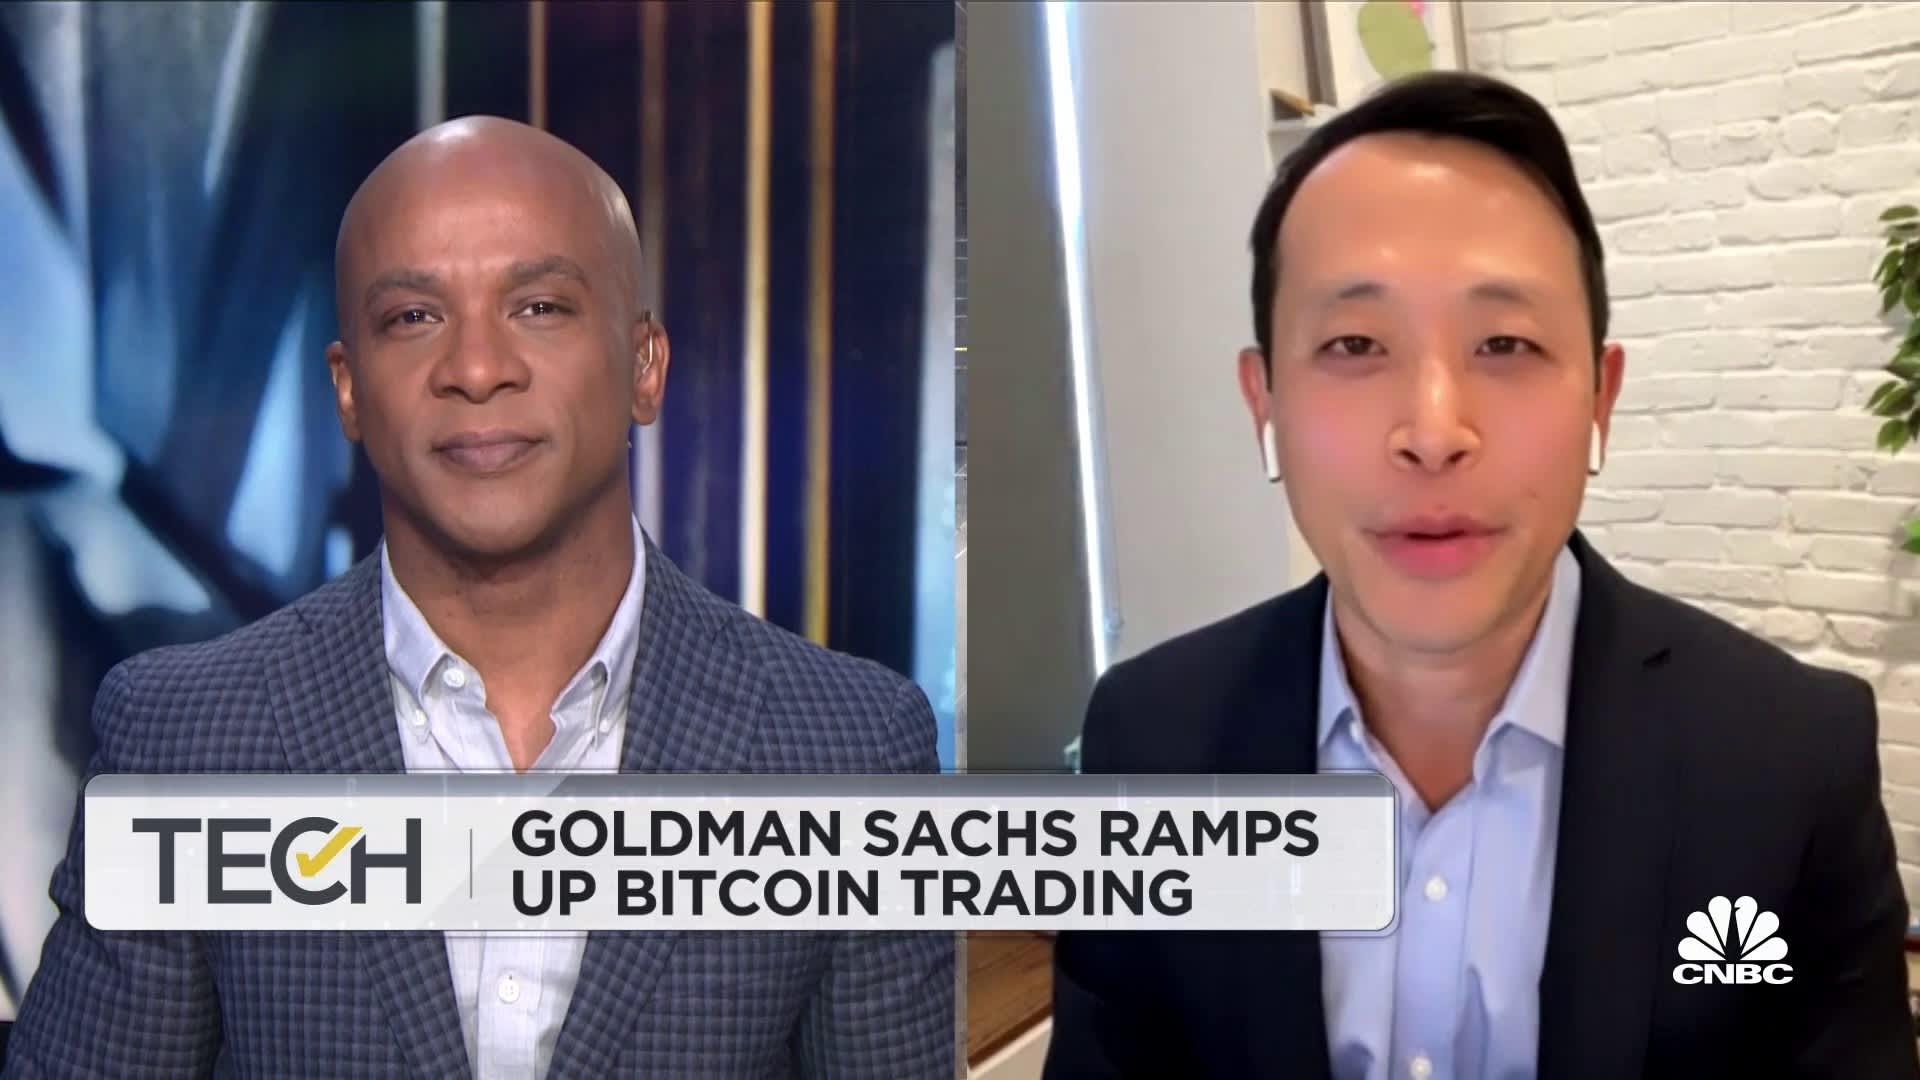 Goldman Sachs Begins Trading BTC Futures - metromaredellostretto.it